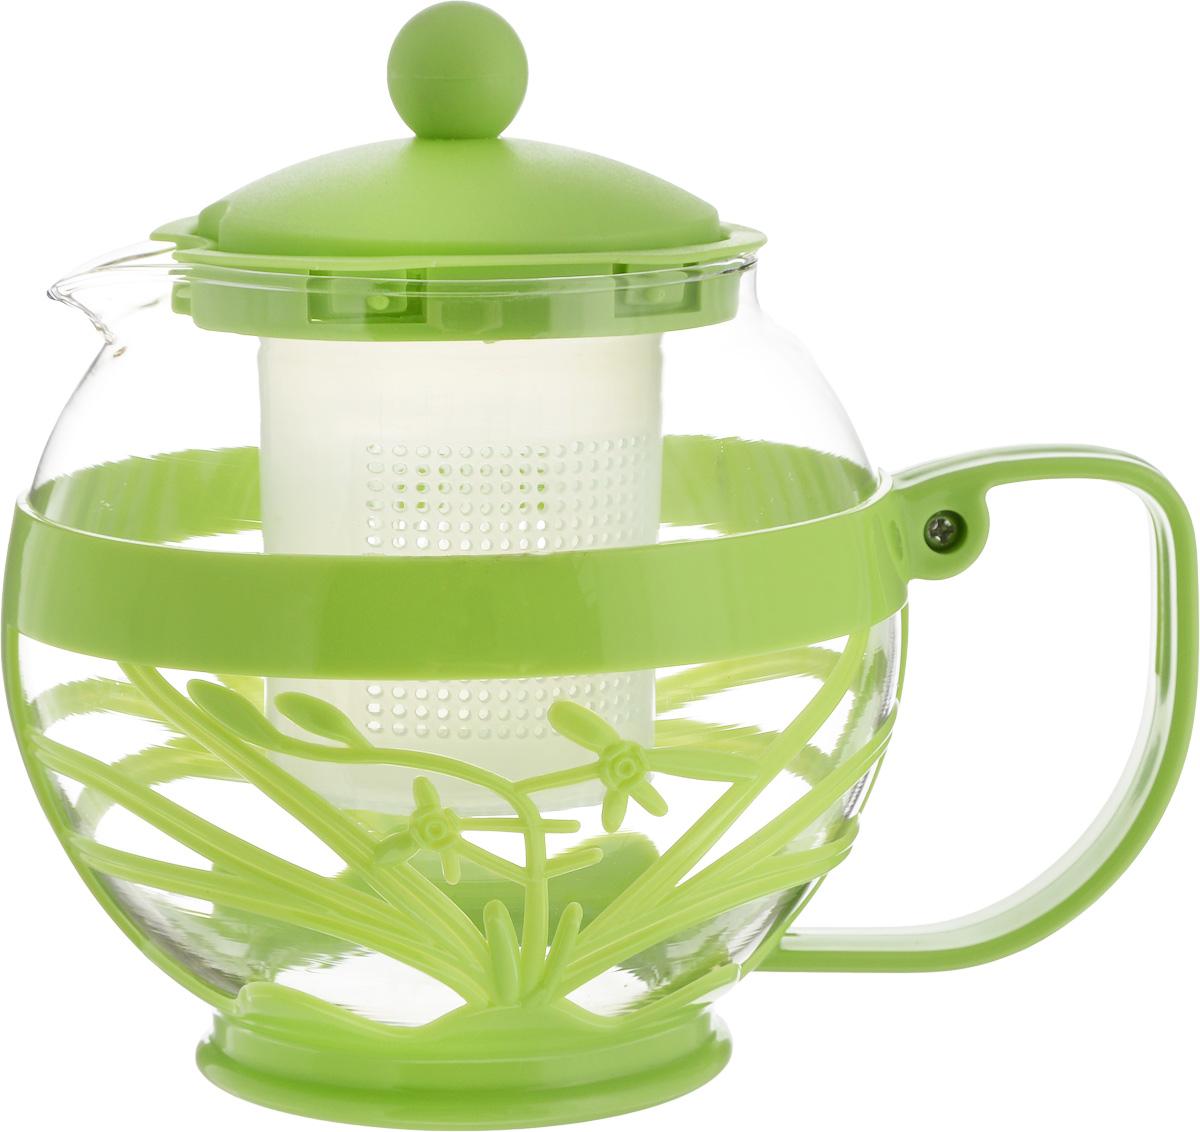 Чайник заварочный Wellberg Aqual, с фильтром, цвет: прозрачный, зеленый, 800 мл361 WB_зеленыйЗаварочный чайник Wellberg Aqual изготовлен из высококачественного пластика и жаропрочного стекла. Чайник имеет пластиковый фильтр и оснащен удобной ручкой. Он прекрасно подойдет для заваривания чая и травяных напитков. Такой заварочный чайник займет достойное место на вашей кухне.Высота чайника (без учета крышки): 11,5 см.Высота чайника (с учетом крышки): 14 см. Диаметр (по верхнему краю): 7 см.